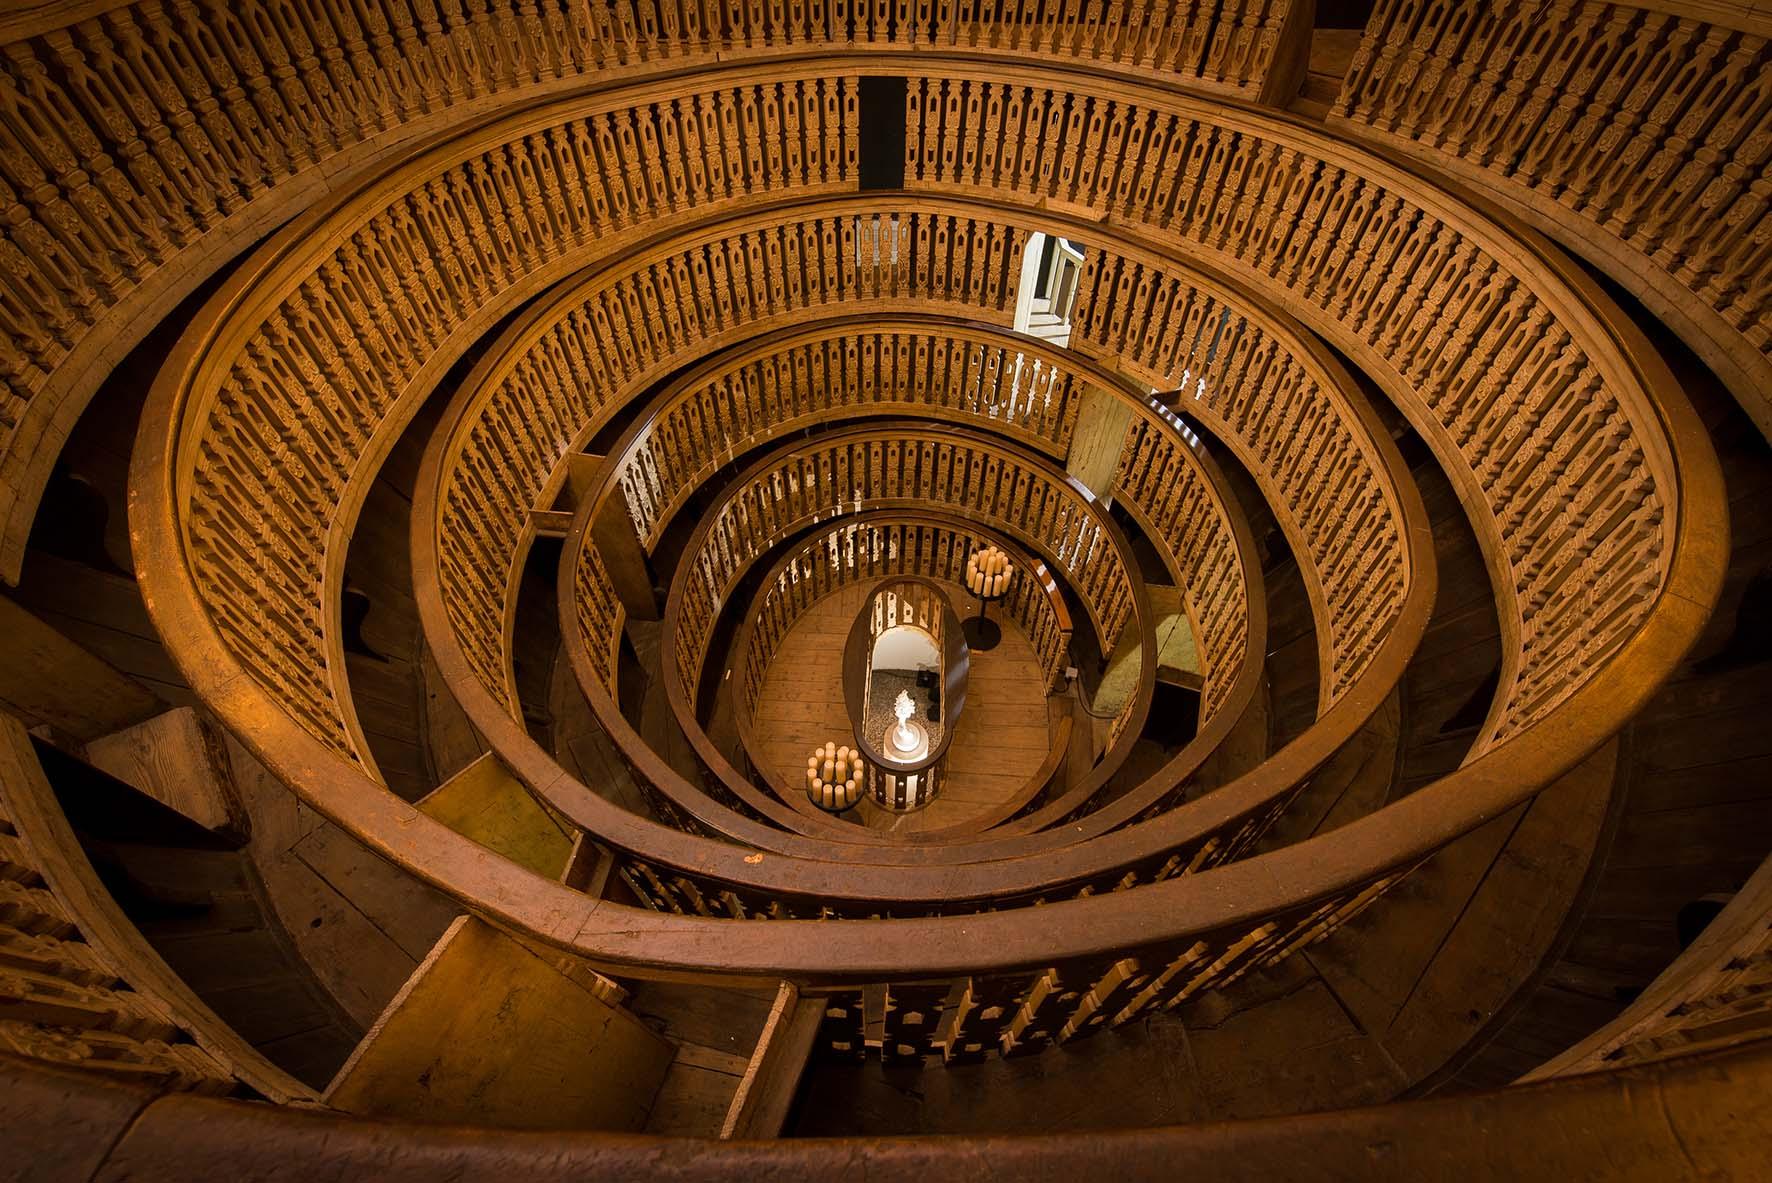 Gare de lest Unipd teatro anatomico PalazzoBo SamoriLucy 2016 Marmo bianco puro di Carrara frammento lunare 015